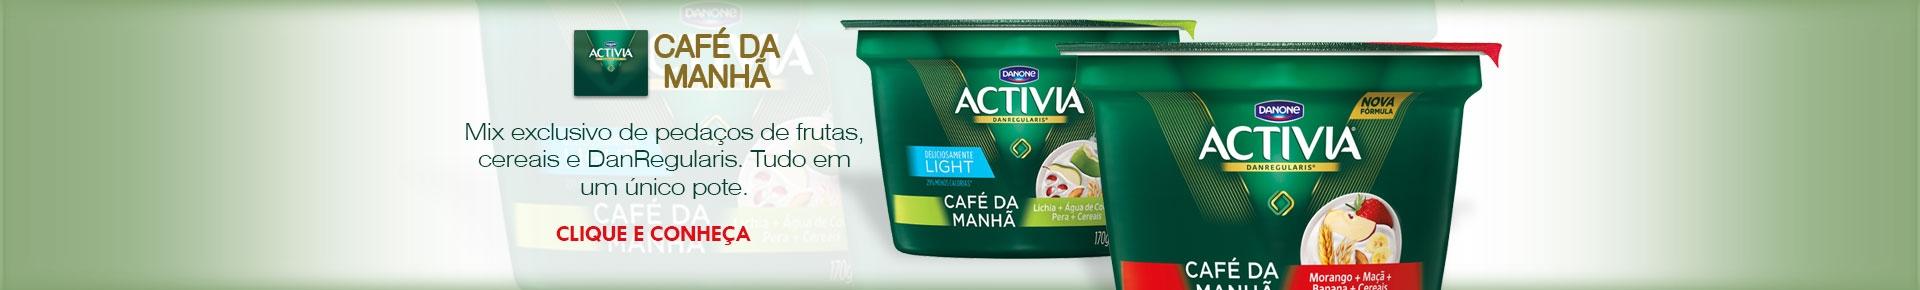 ACTIVIA CAFÉ DA MANHÃ